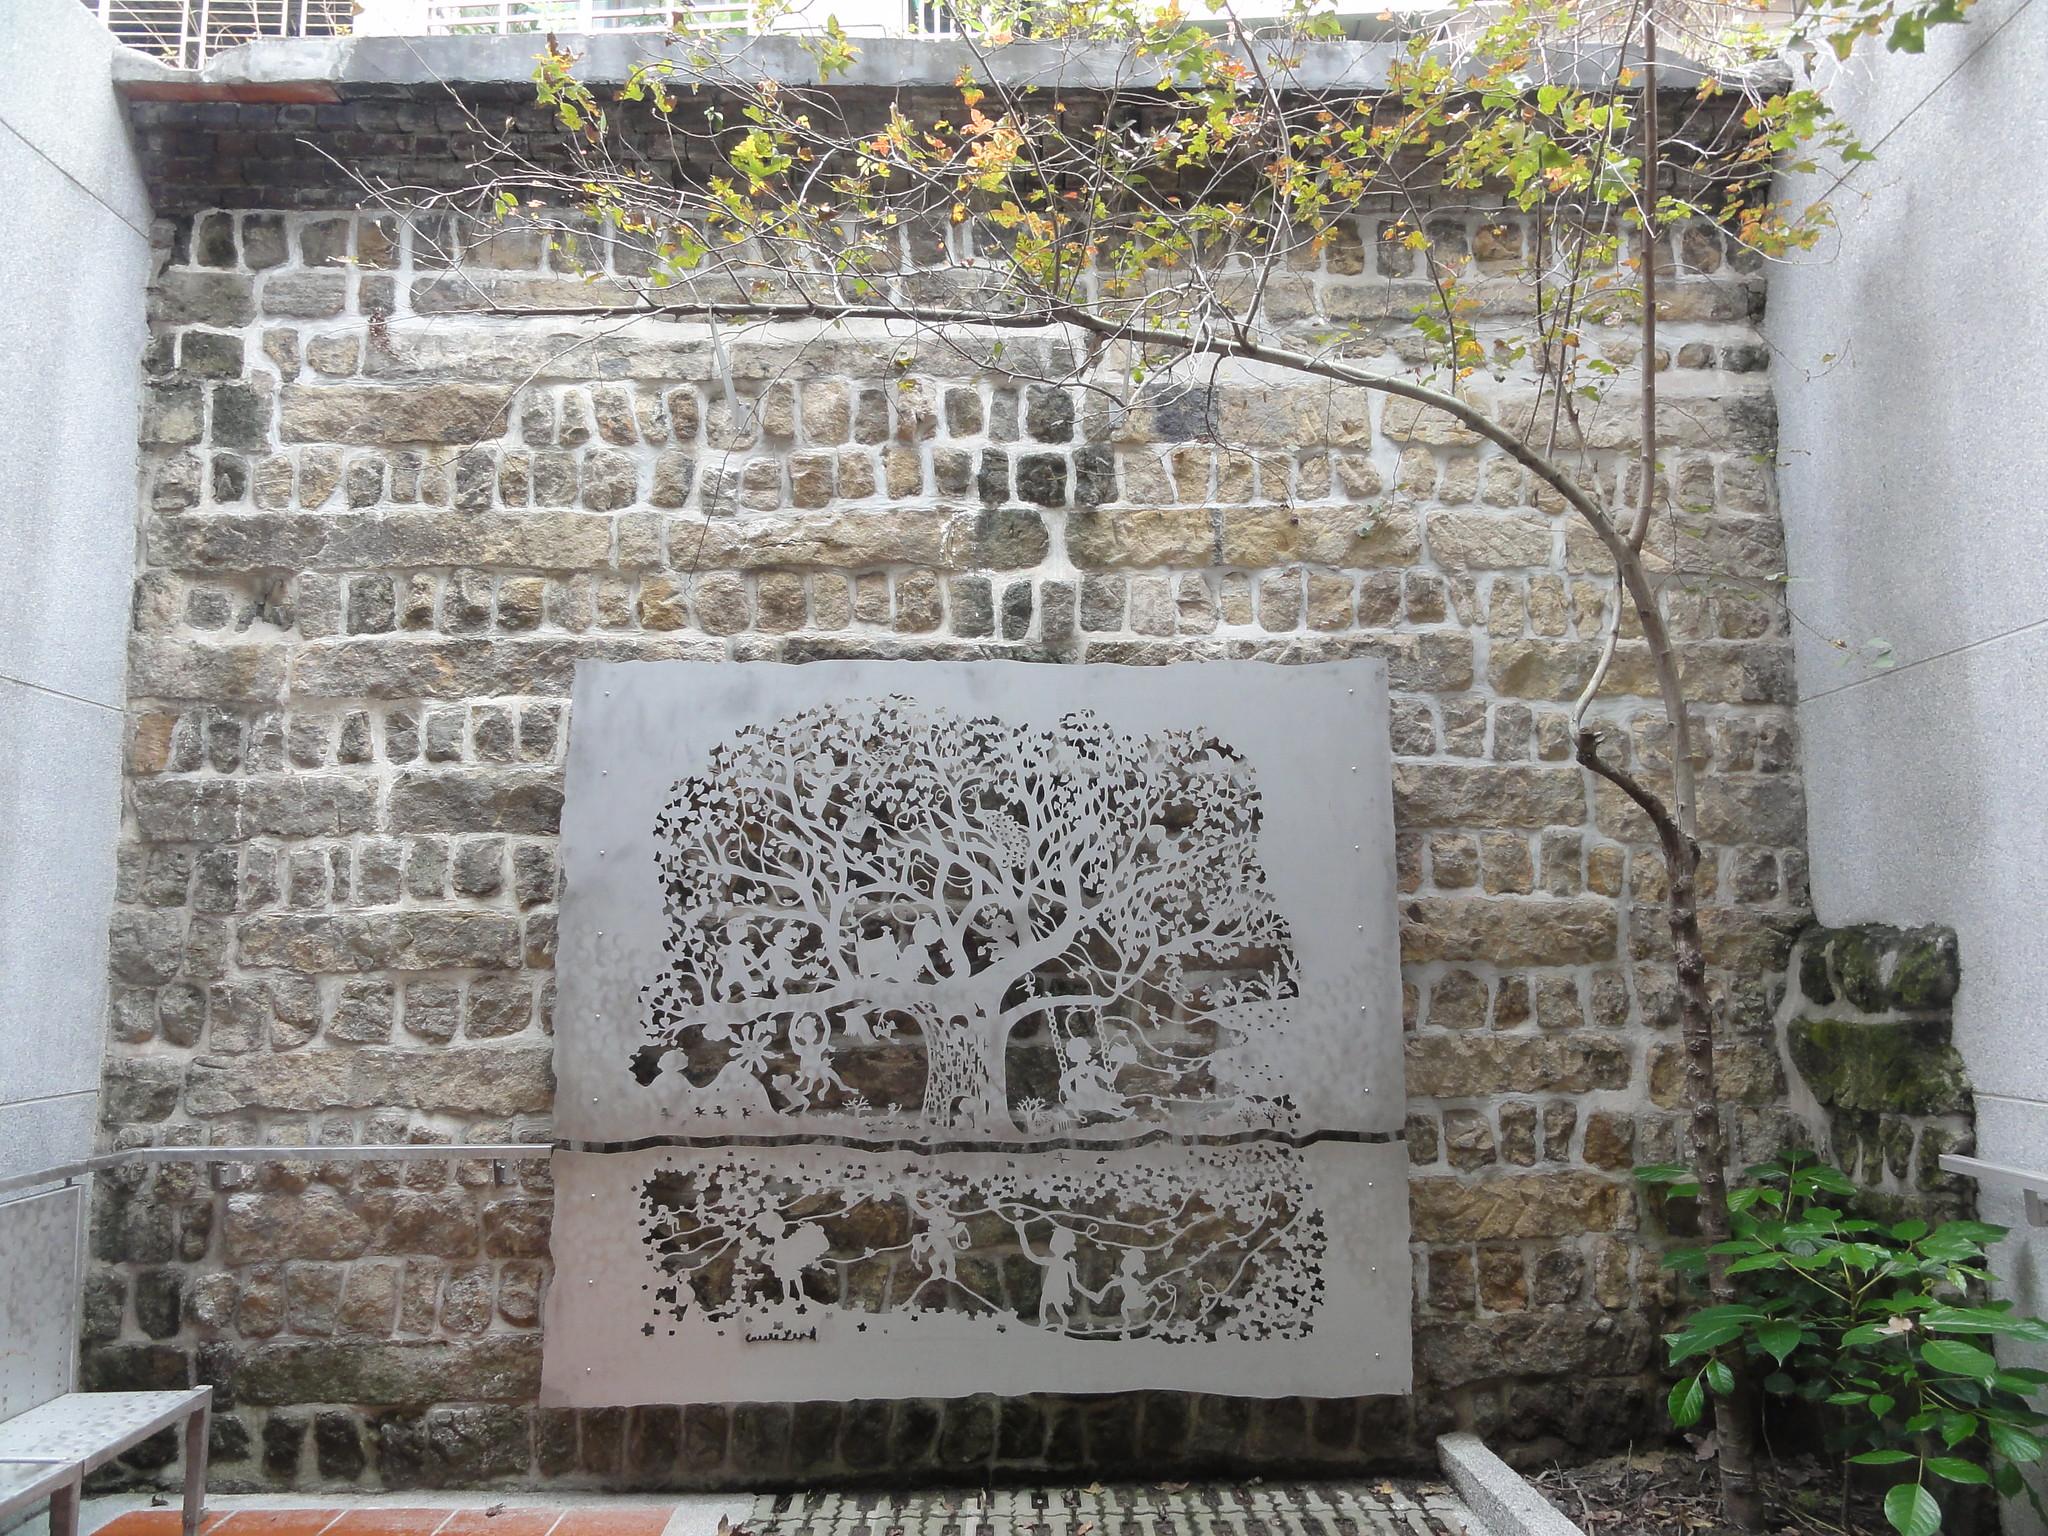 「阿嬤家的生命樹」在後院以不銹鋼板放大重現。(攝影:張智琦)